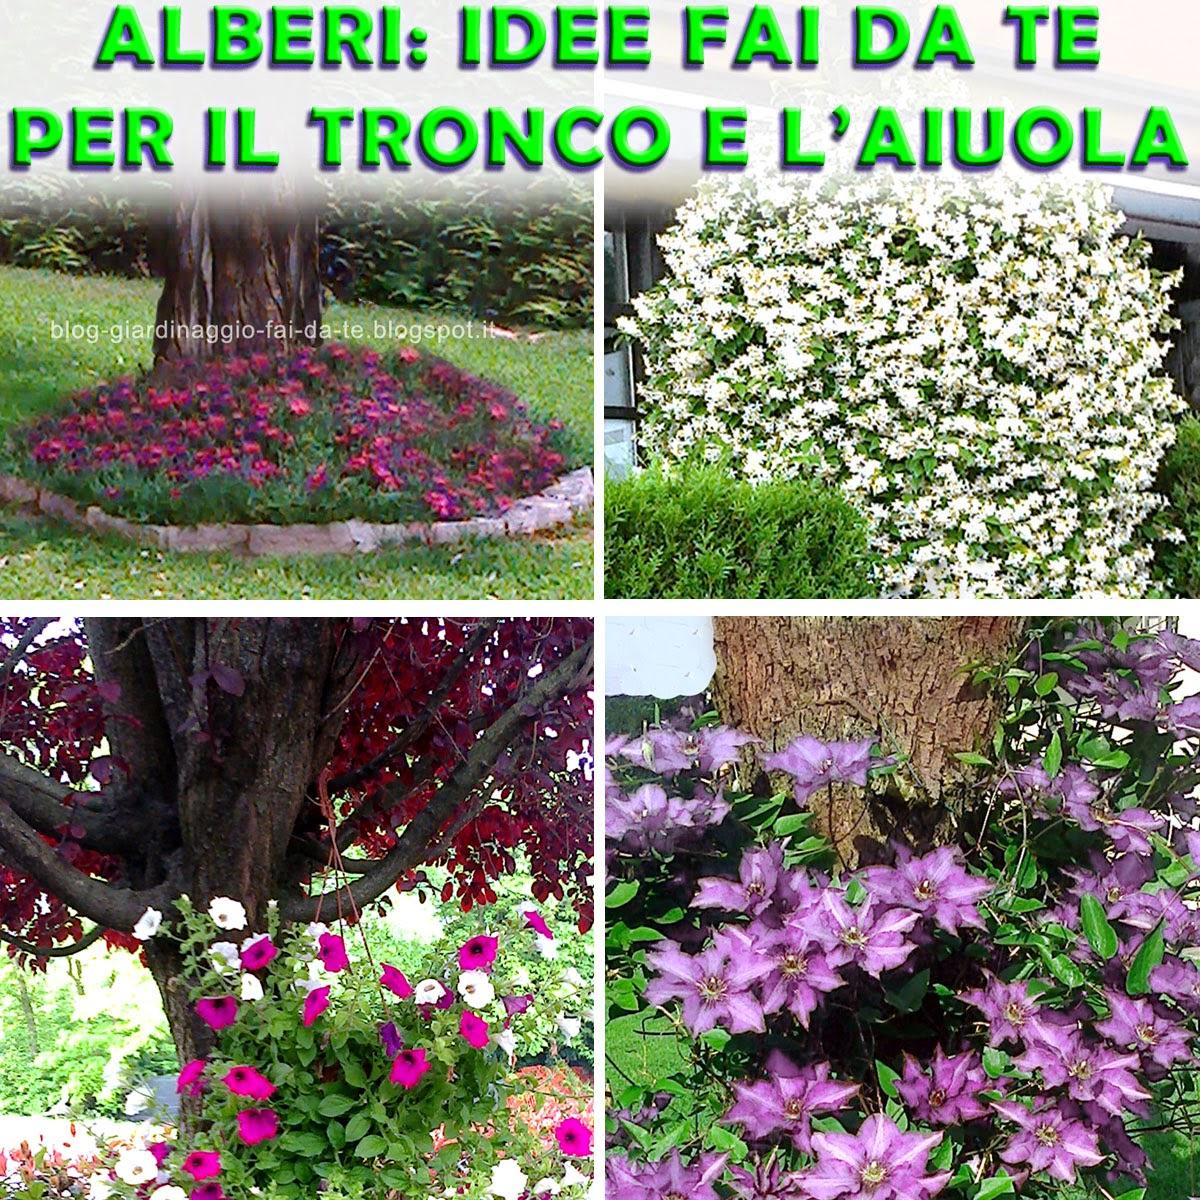 Giardinaggio idee originali fai da te sogno immagine for Idee per abbellire il giardino